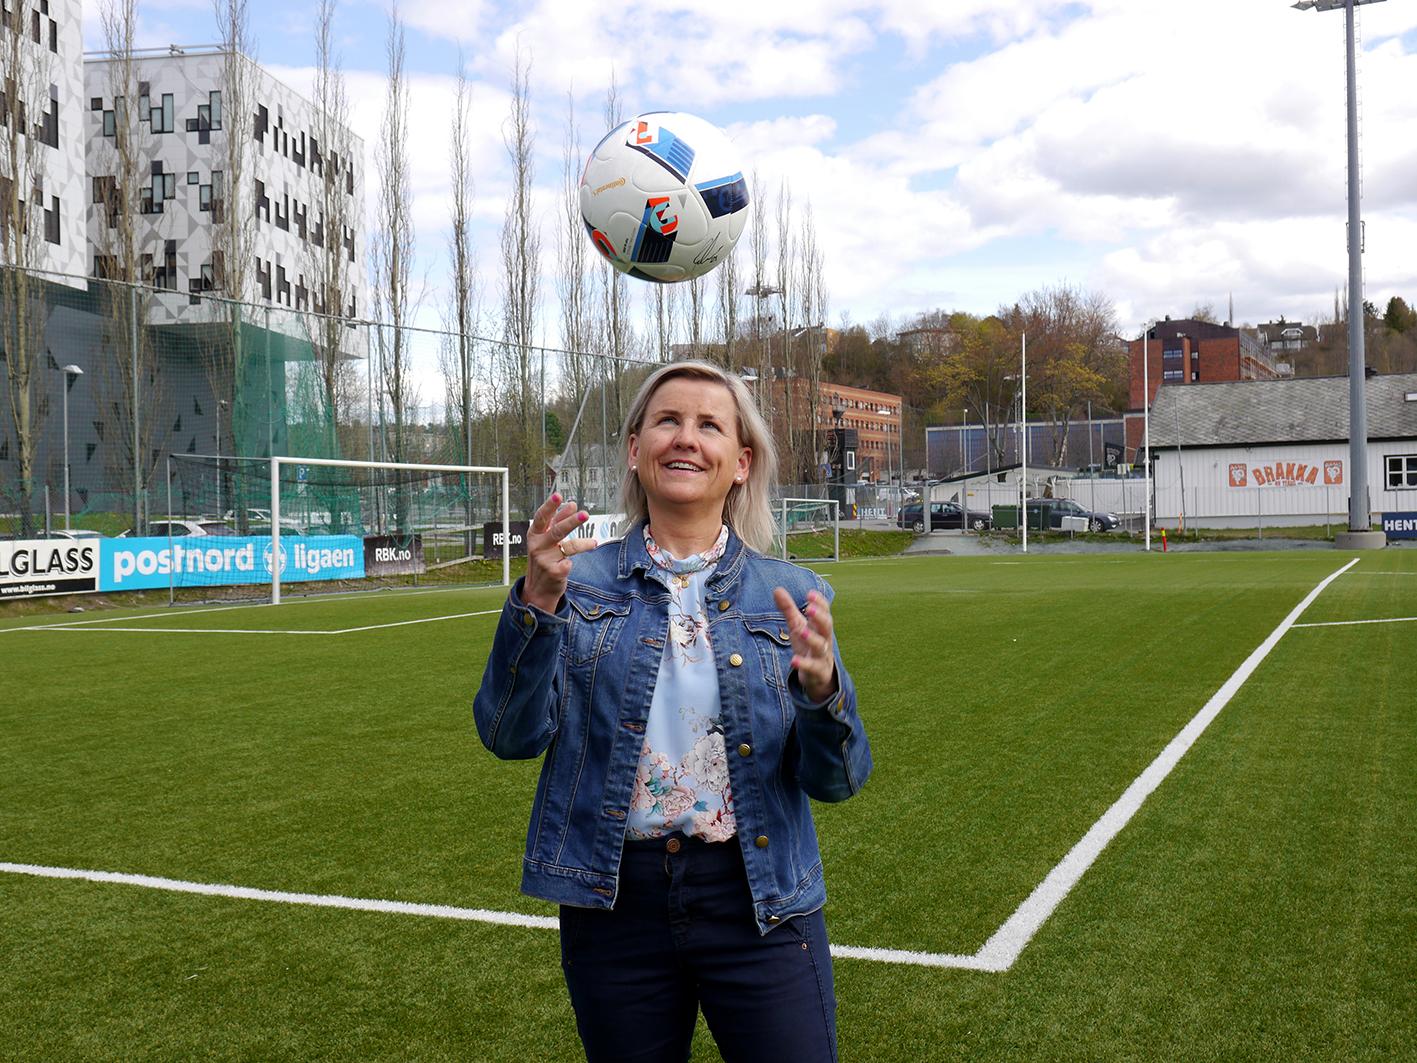 Respektert fotballboss. Tove Moe Dyrhaug, daglig leder i RBK, har byttet ut mobil med ball til ære for fotografen. Tekst og foto: Jan-Are Hansen